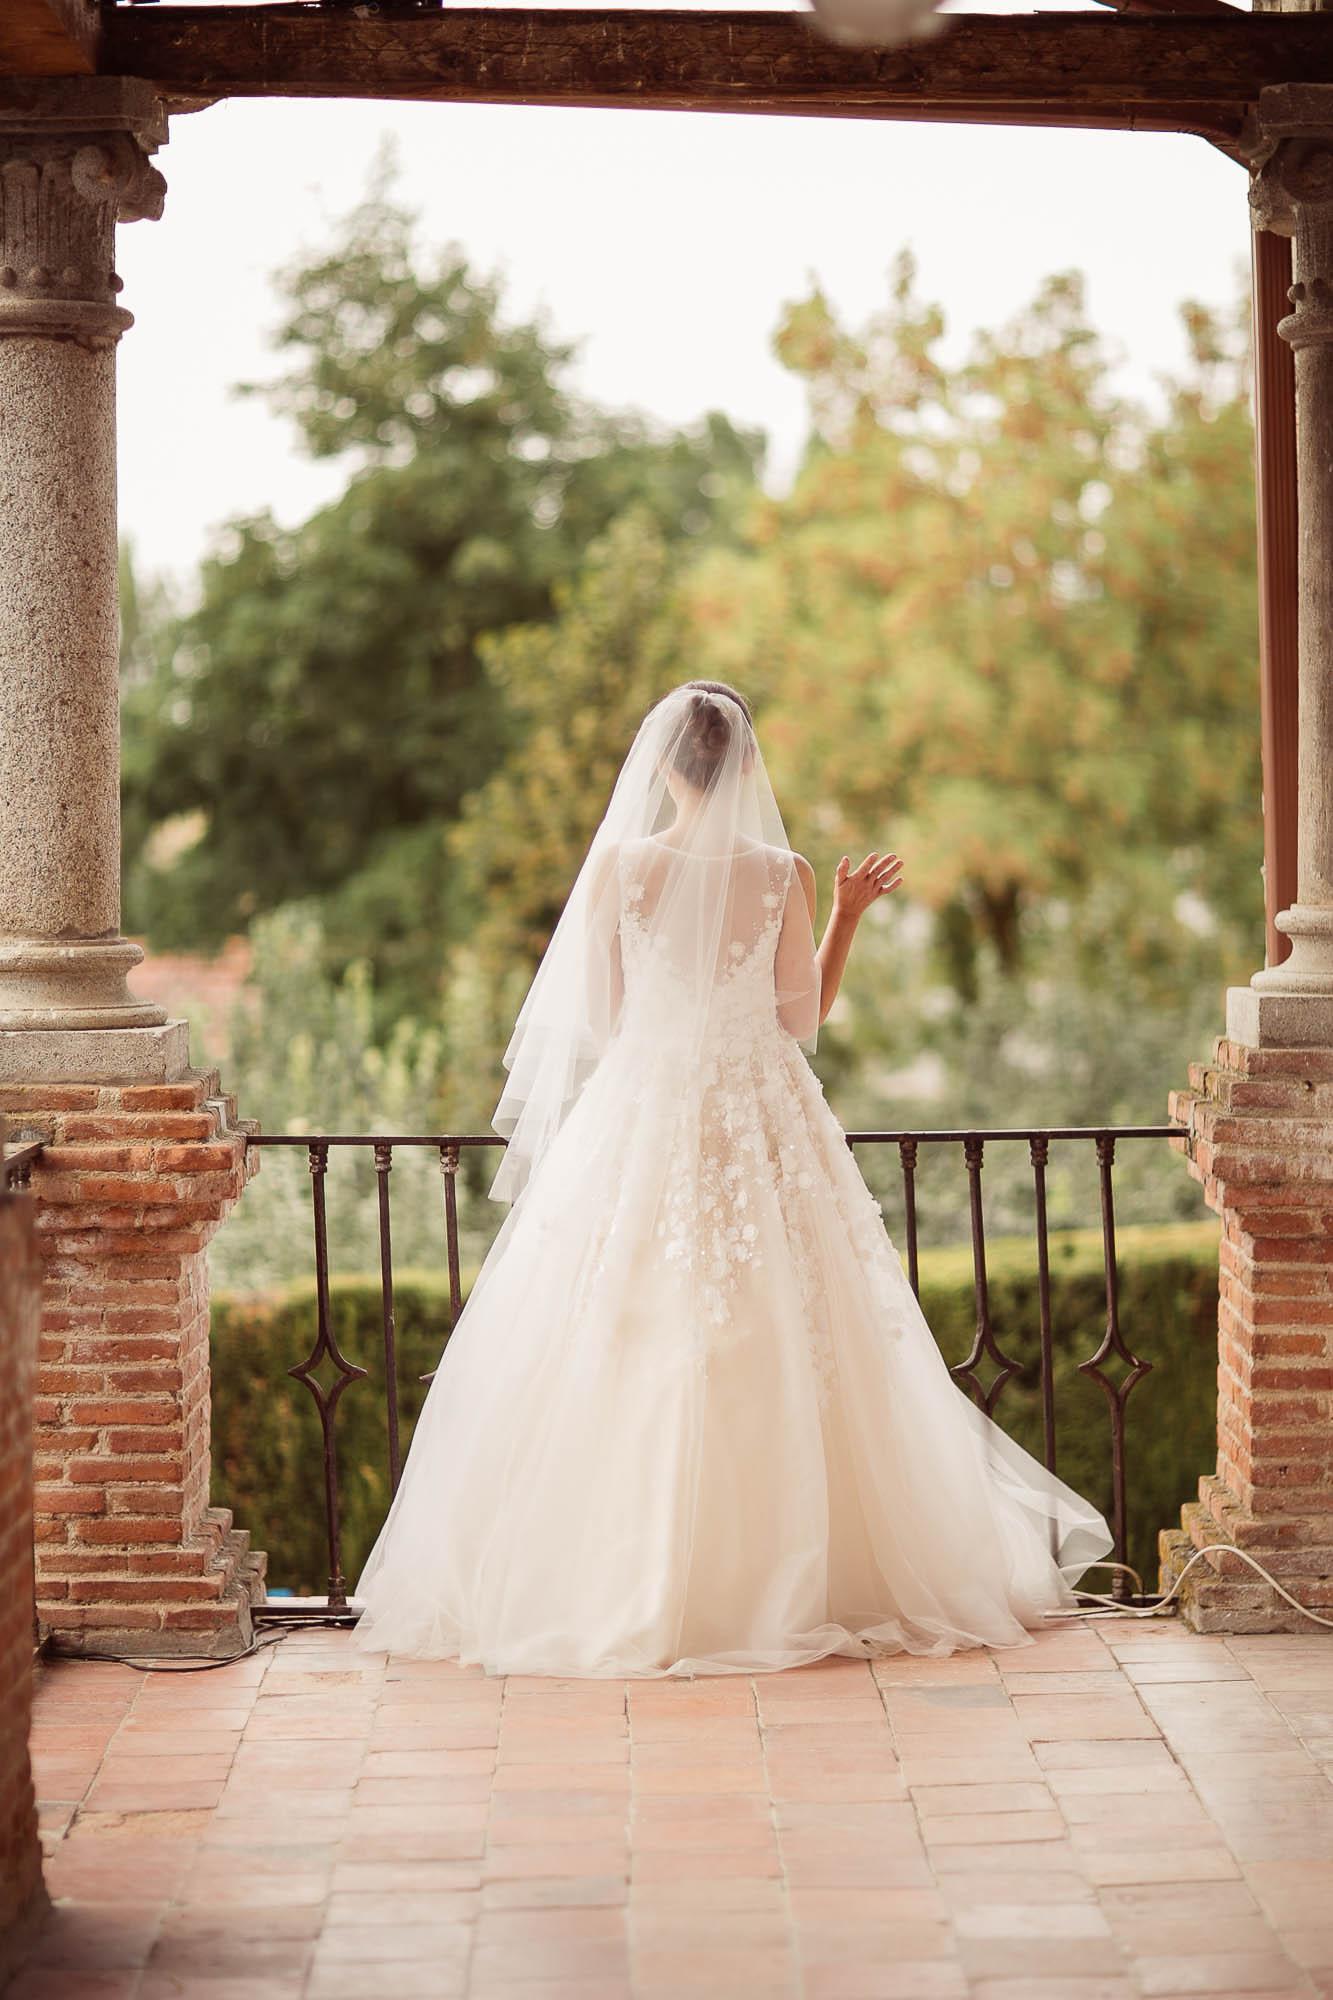 La novia saluda a los invitados desde el balcón